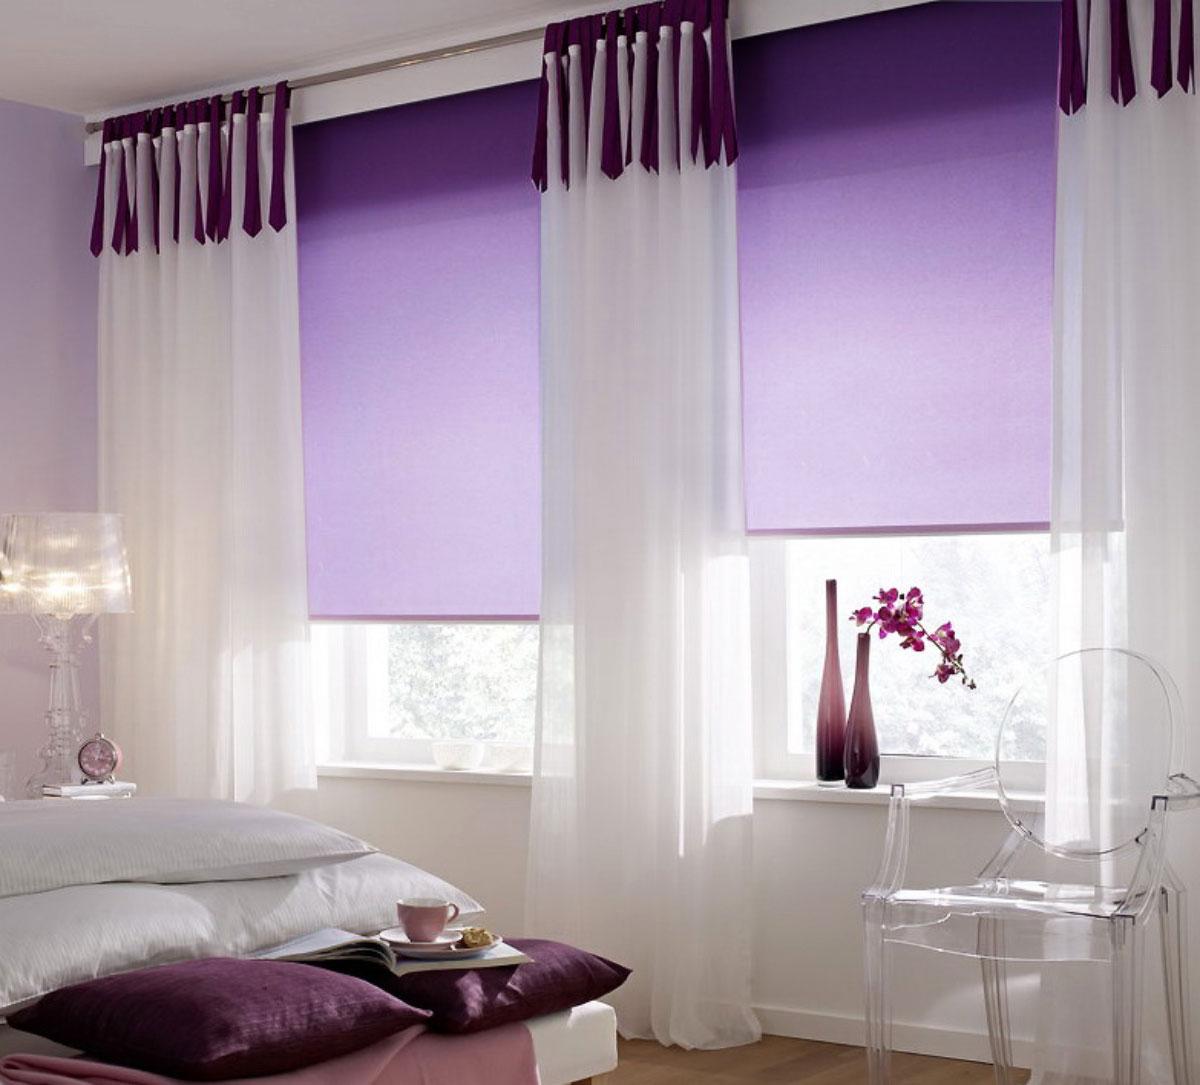 Штора рулонная KauffOrt Миниролло, цвет: фиолетовый, ширина 73 см, высота 170 см3073007Рулонная штора Миниролло выполнена из высокопрочной ткани, которая сохраняет свой размер даже при намокании. Ткань не выцветает и обладает отличной цветоустойчивостью.Миниролло - это подвид рулонных штор, который закрывает не весь оконный проем, а непосредственно само стекло. Такие шторы крепятся на раму без сверления при помощи зажимов или клейкой двухсторонней ленты (в комплекте). Окно остается на гарантии, благодаря монтажу без сверления. Такая штора станет прекрасным элементом декора окна и гармонично впишется в интерьер любого помещения.